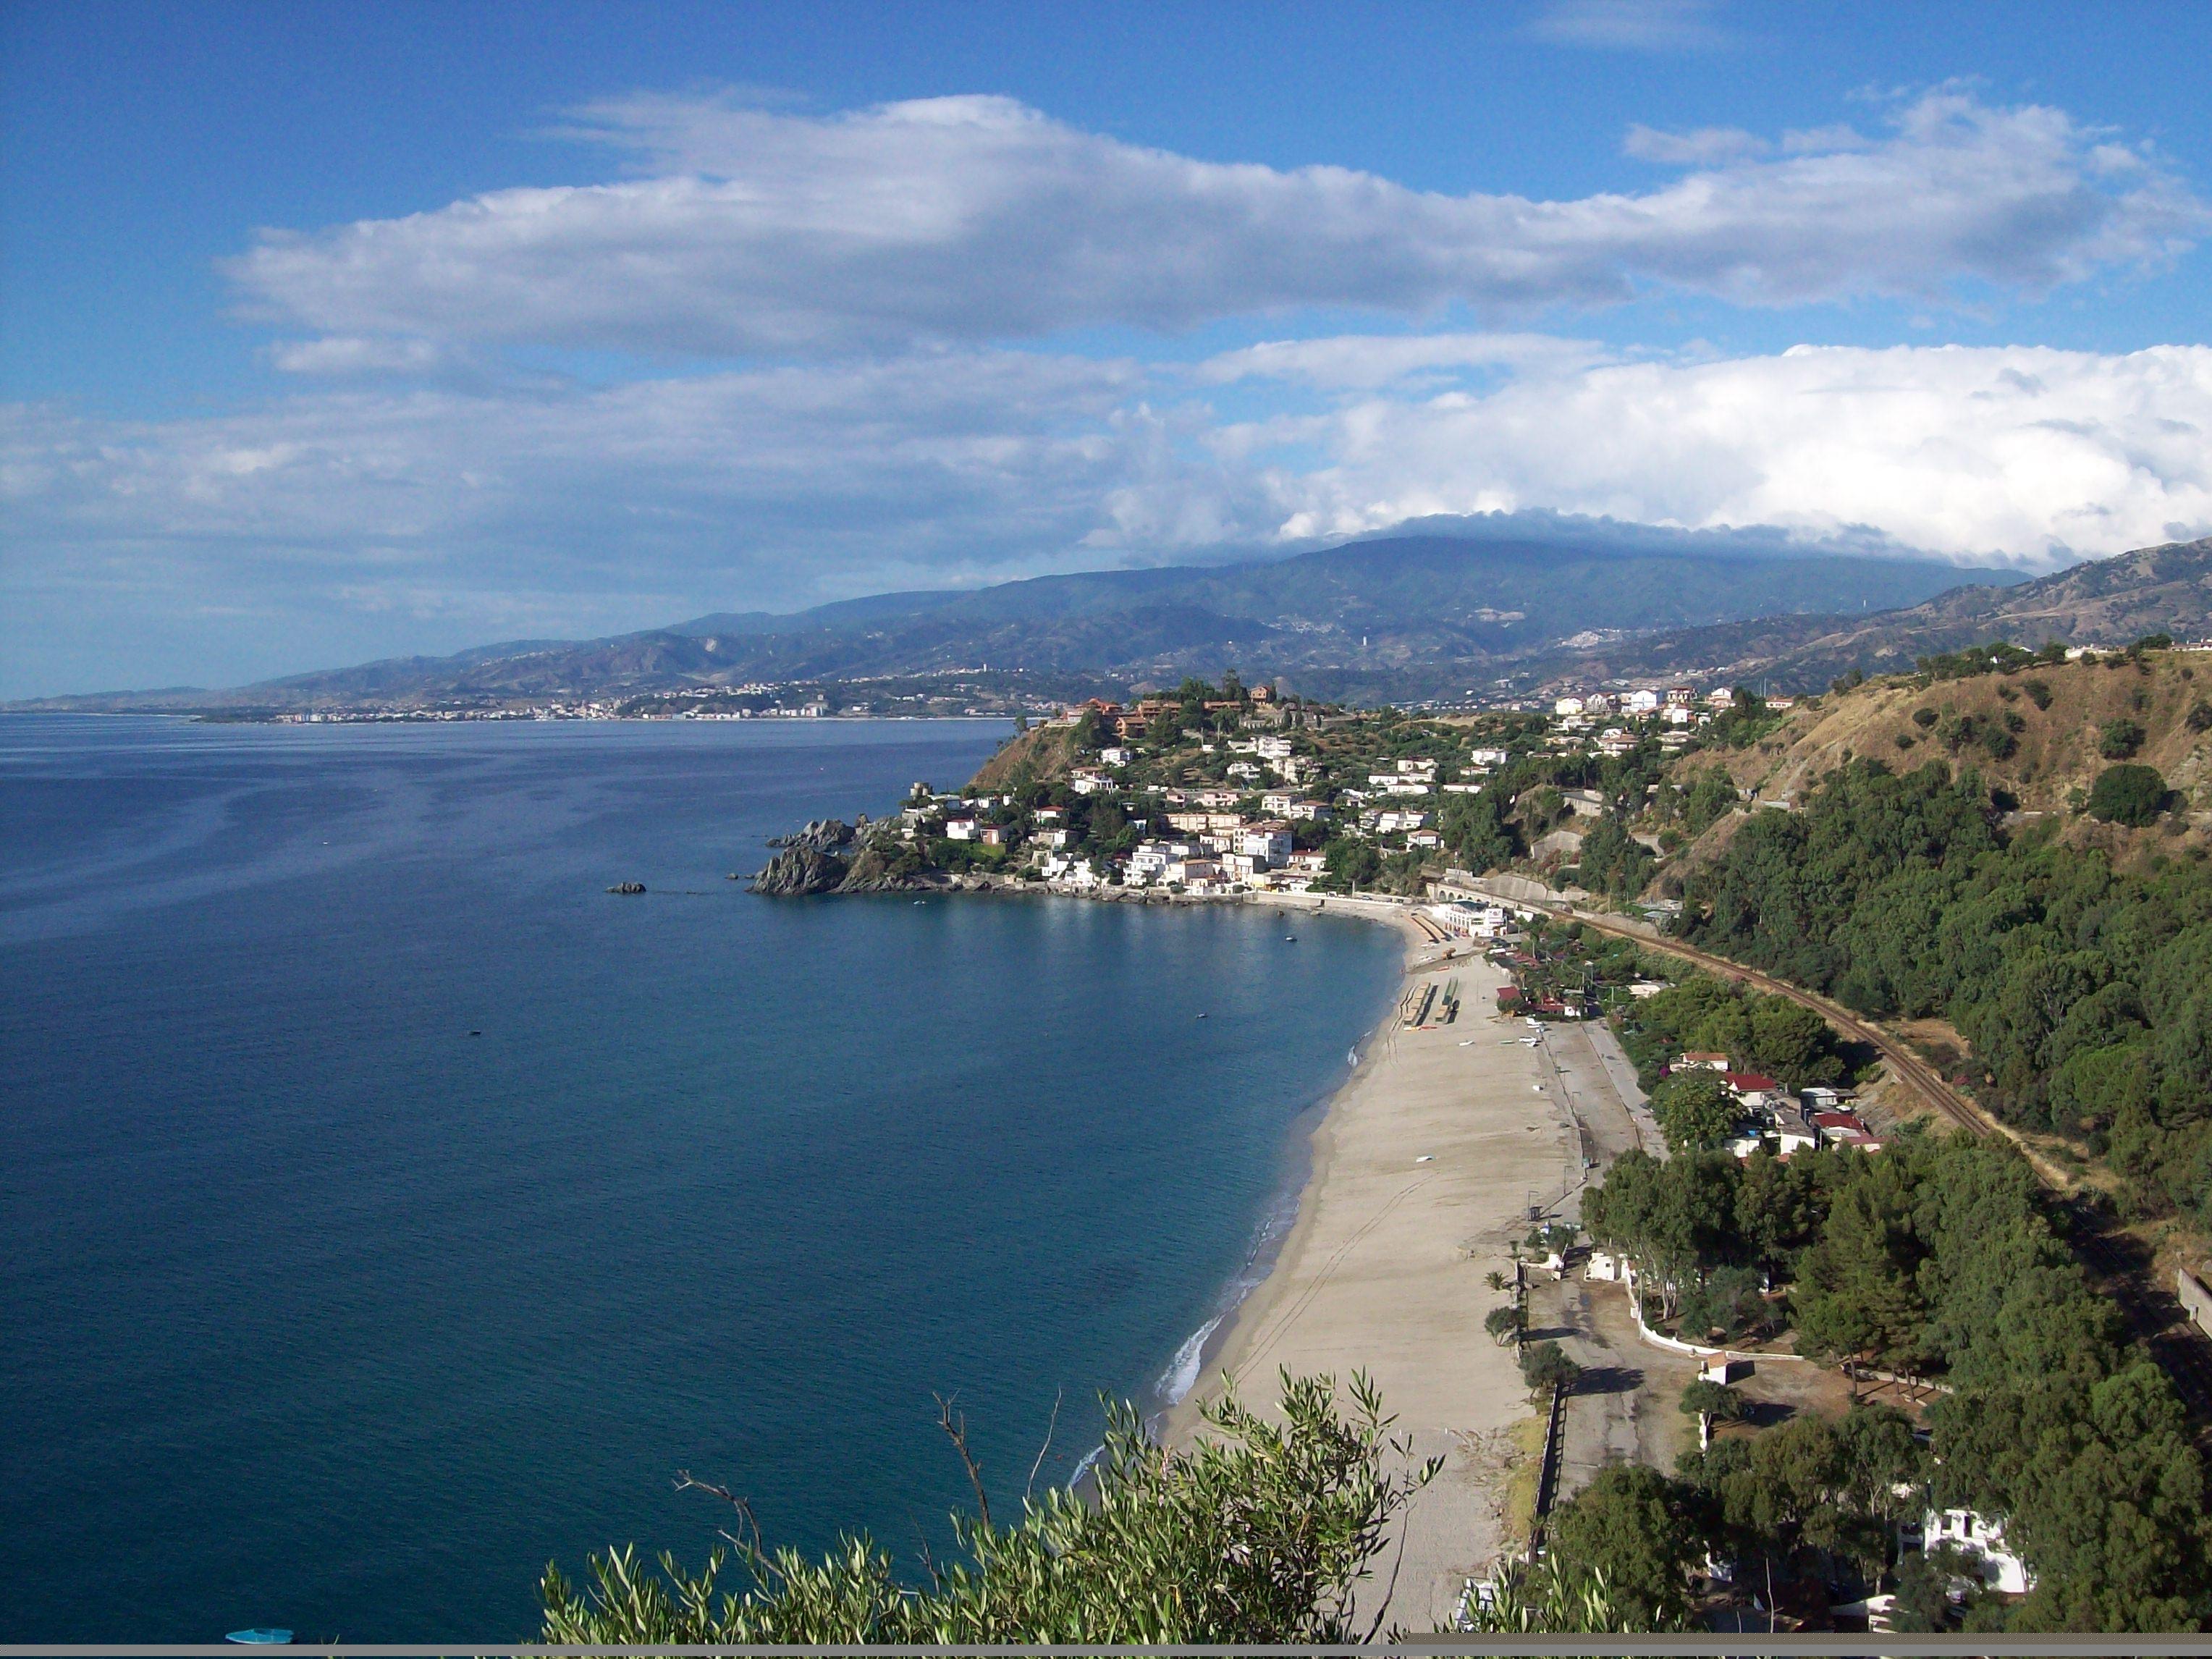 Spiaggia di Santa Caterina dello Ionio Marina